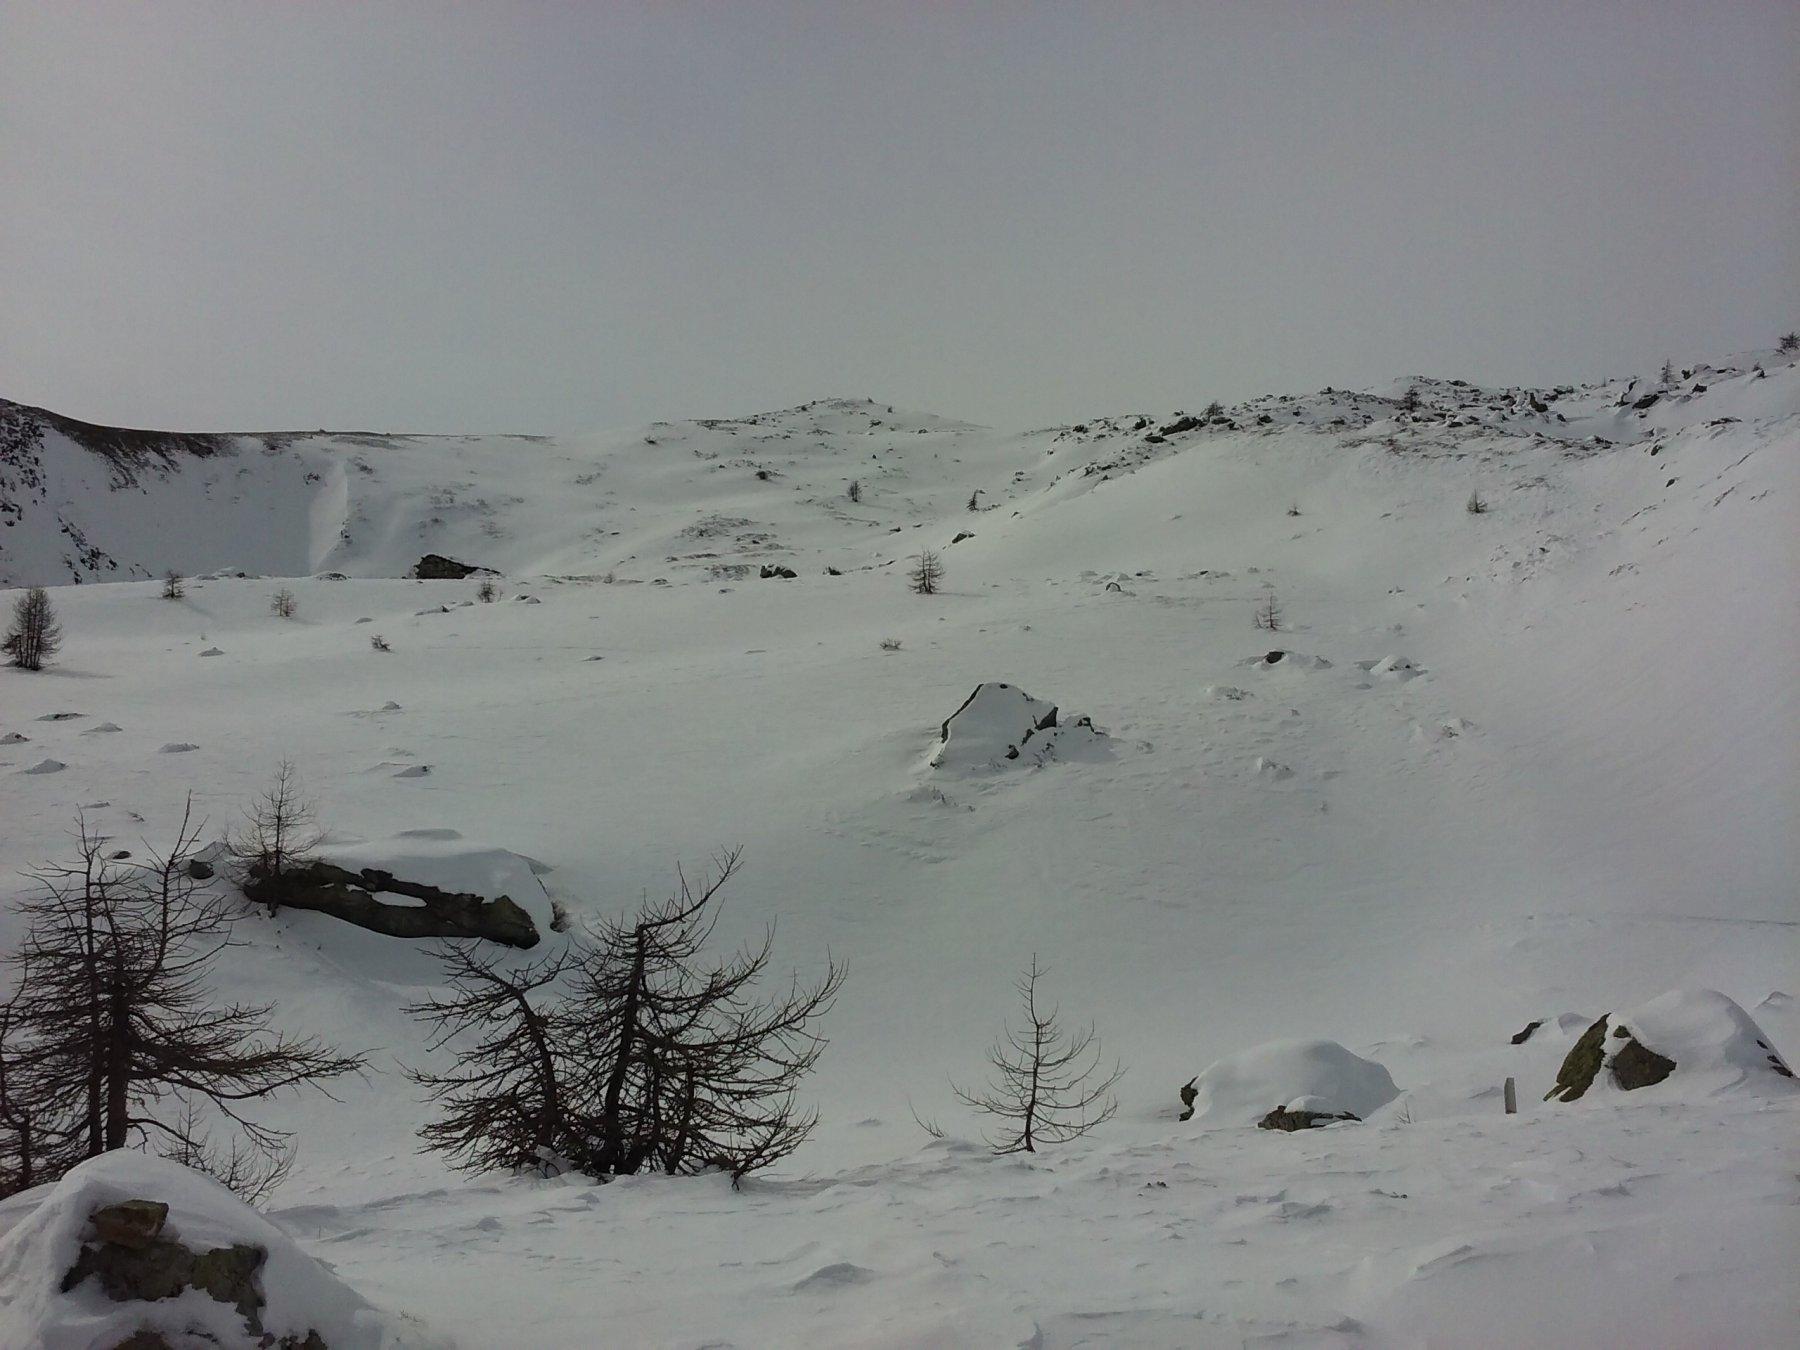 Sullo sfondo, la cima vista dai pressi del lago Vernoille.